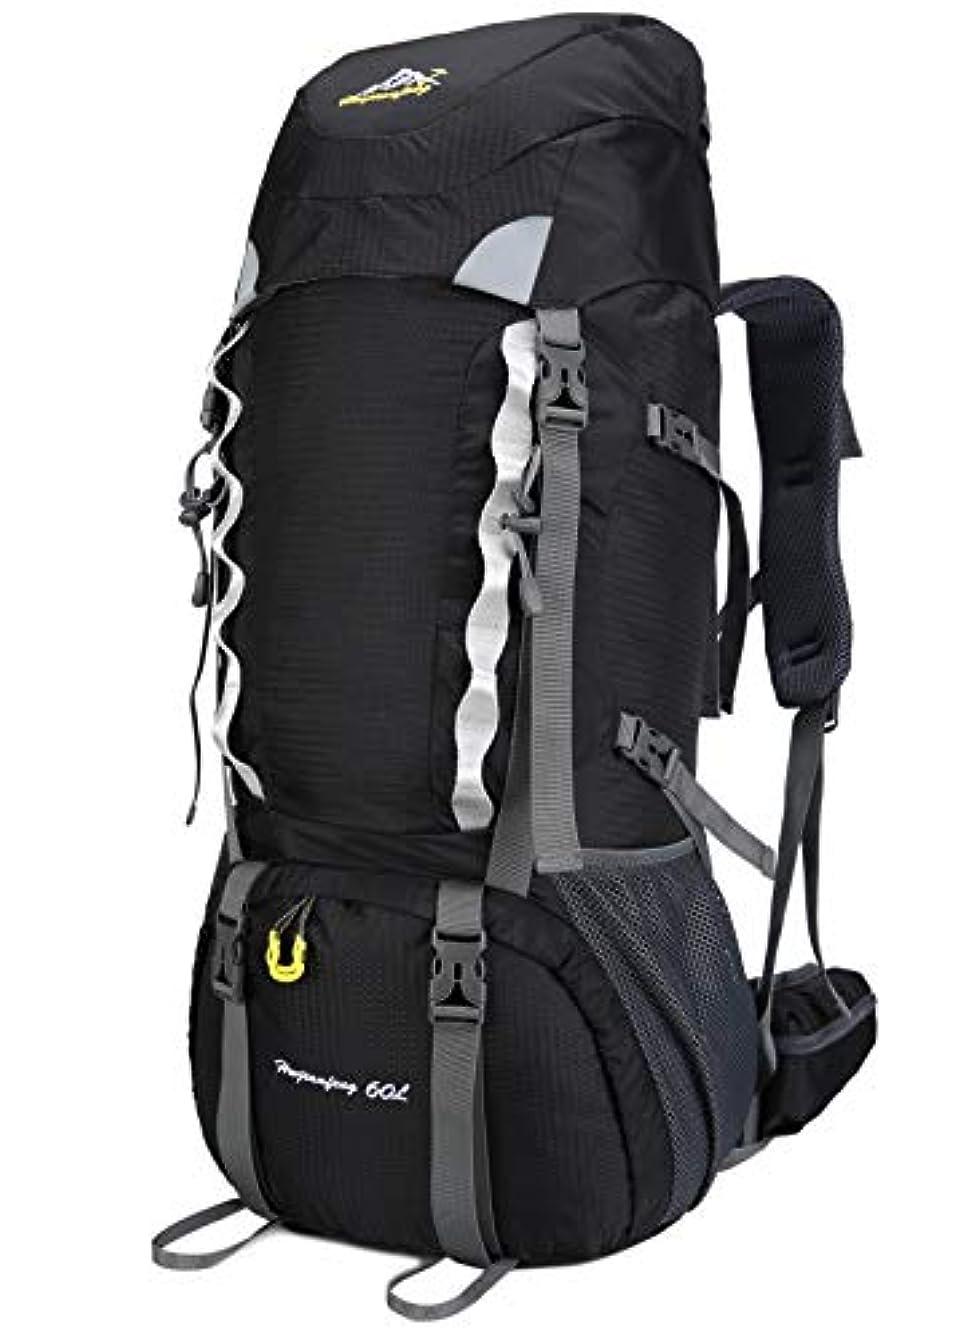 部分的に朝の体操をする苦しめるPhoenix Ikki 60L 軽量 多目的 快適 撥水加工 背中通気 拡張性抜群 山登り 旅行 徒歩 登山ザック リュックサック バックパック レインカバー付き